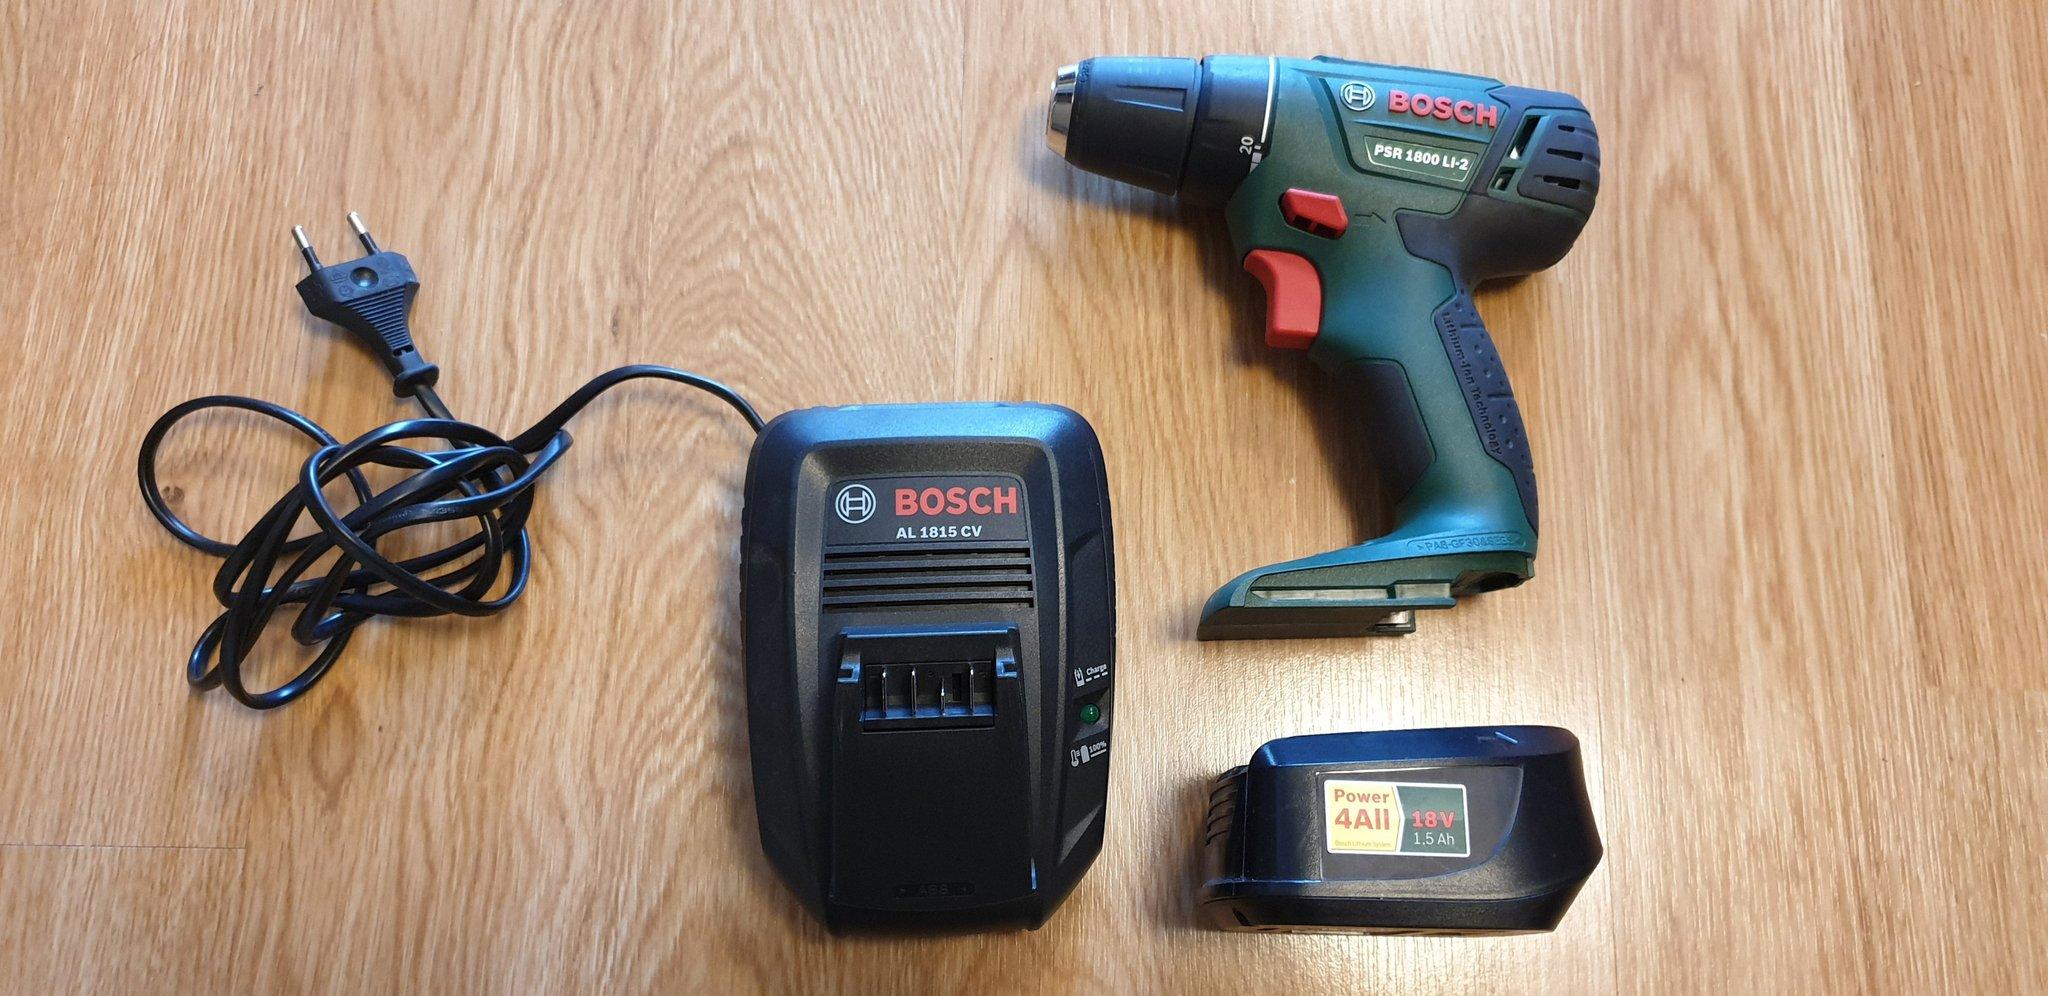 Fräscha Bosch Skruvdragare PSR 1800 LI-2, inklusive bat.. (353343213) ᐈ SI-06